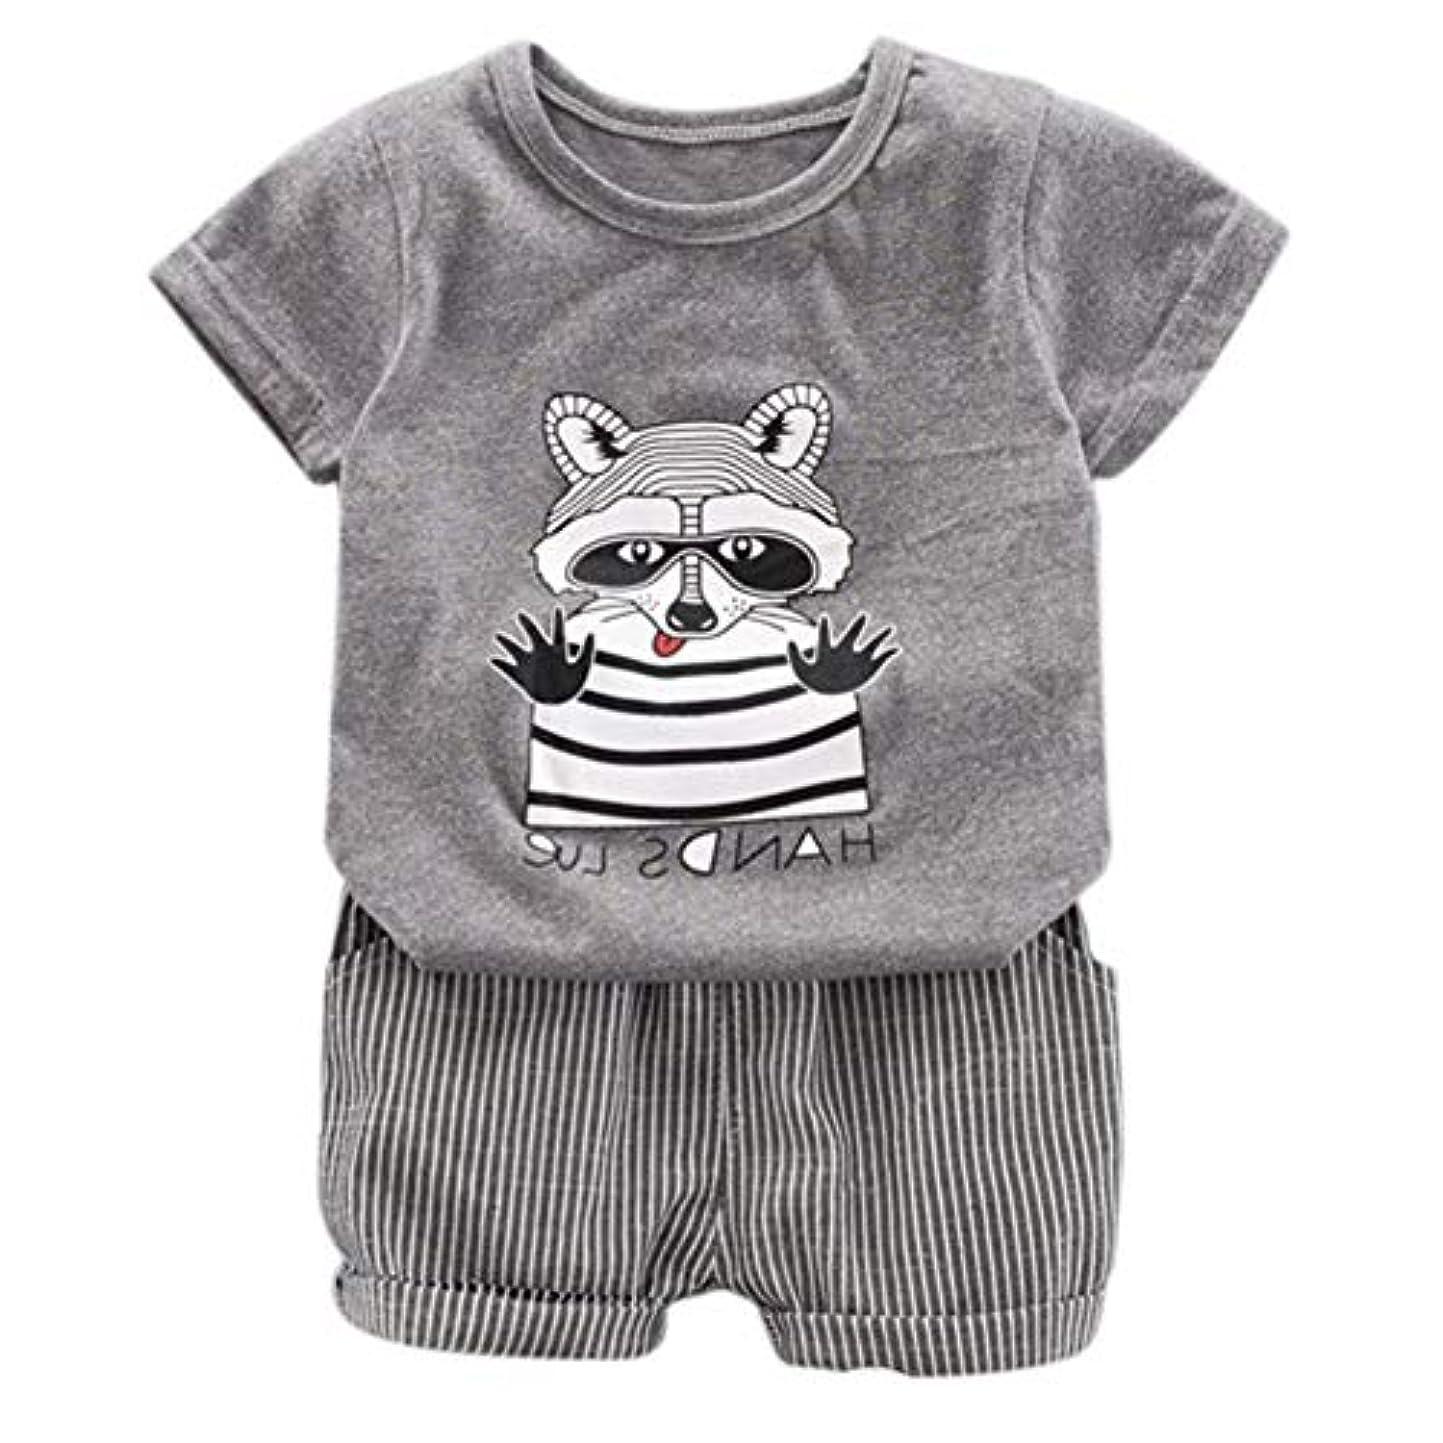 スリム十分な防止Rad子供 夏の赤ちゃん男の子カジュアル半袖漫画アニマルプリントTシャツトップス+ショーツコスチュームセット